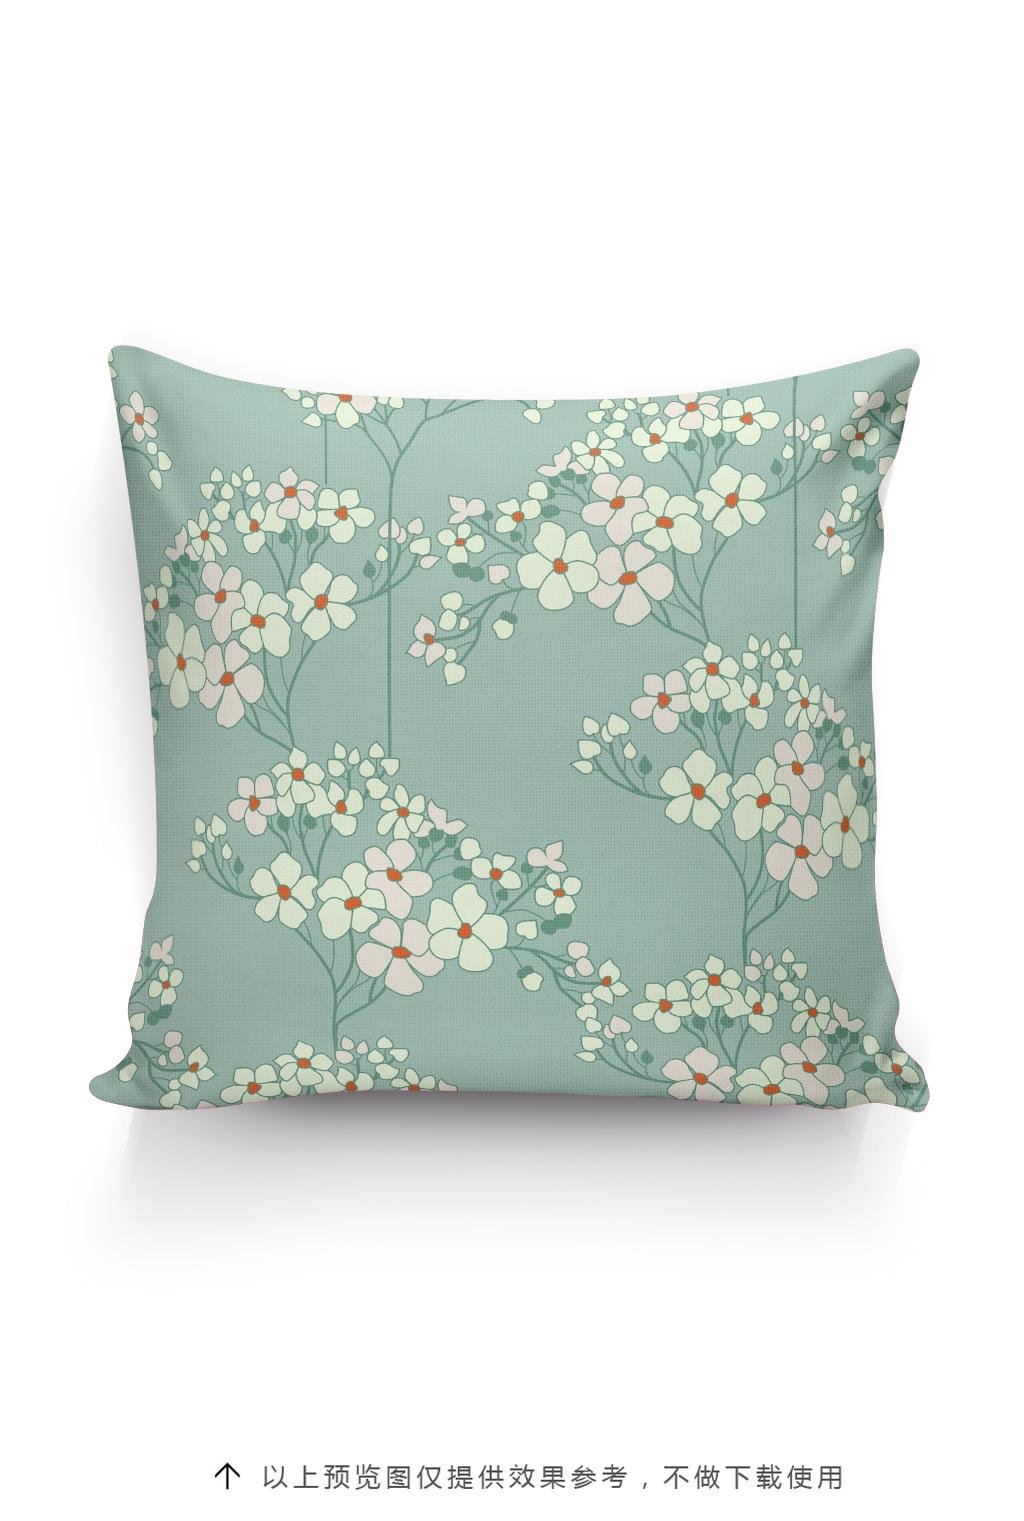 小碎花抱枕图案设计手绘植物花卉